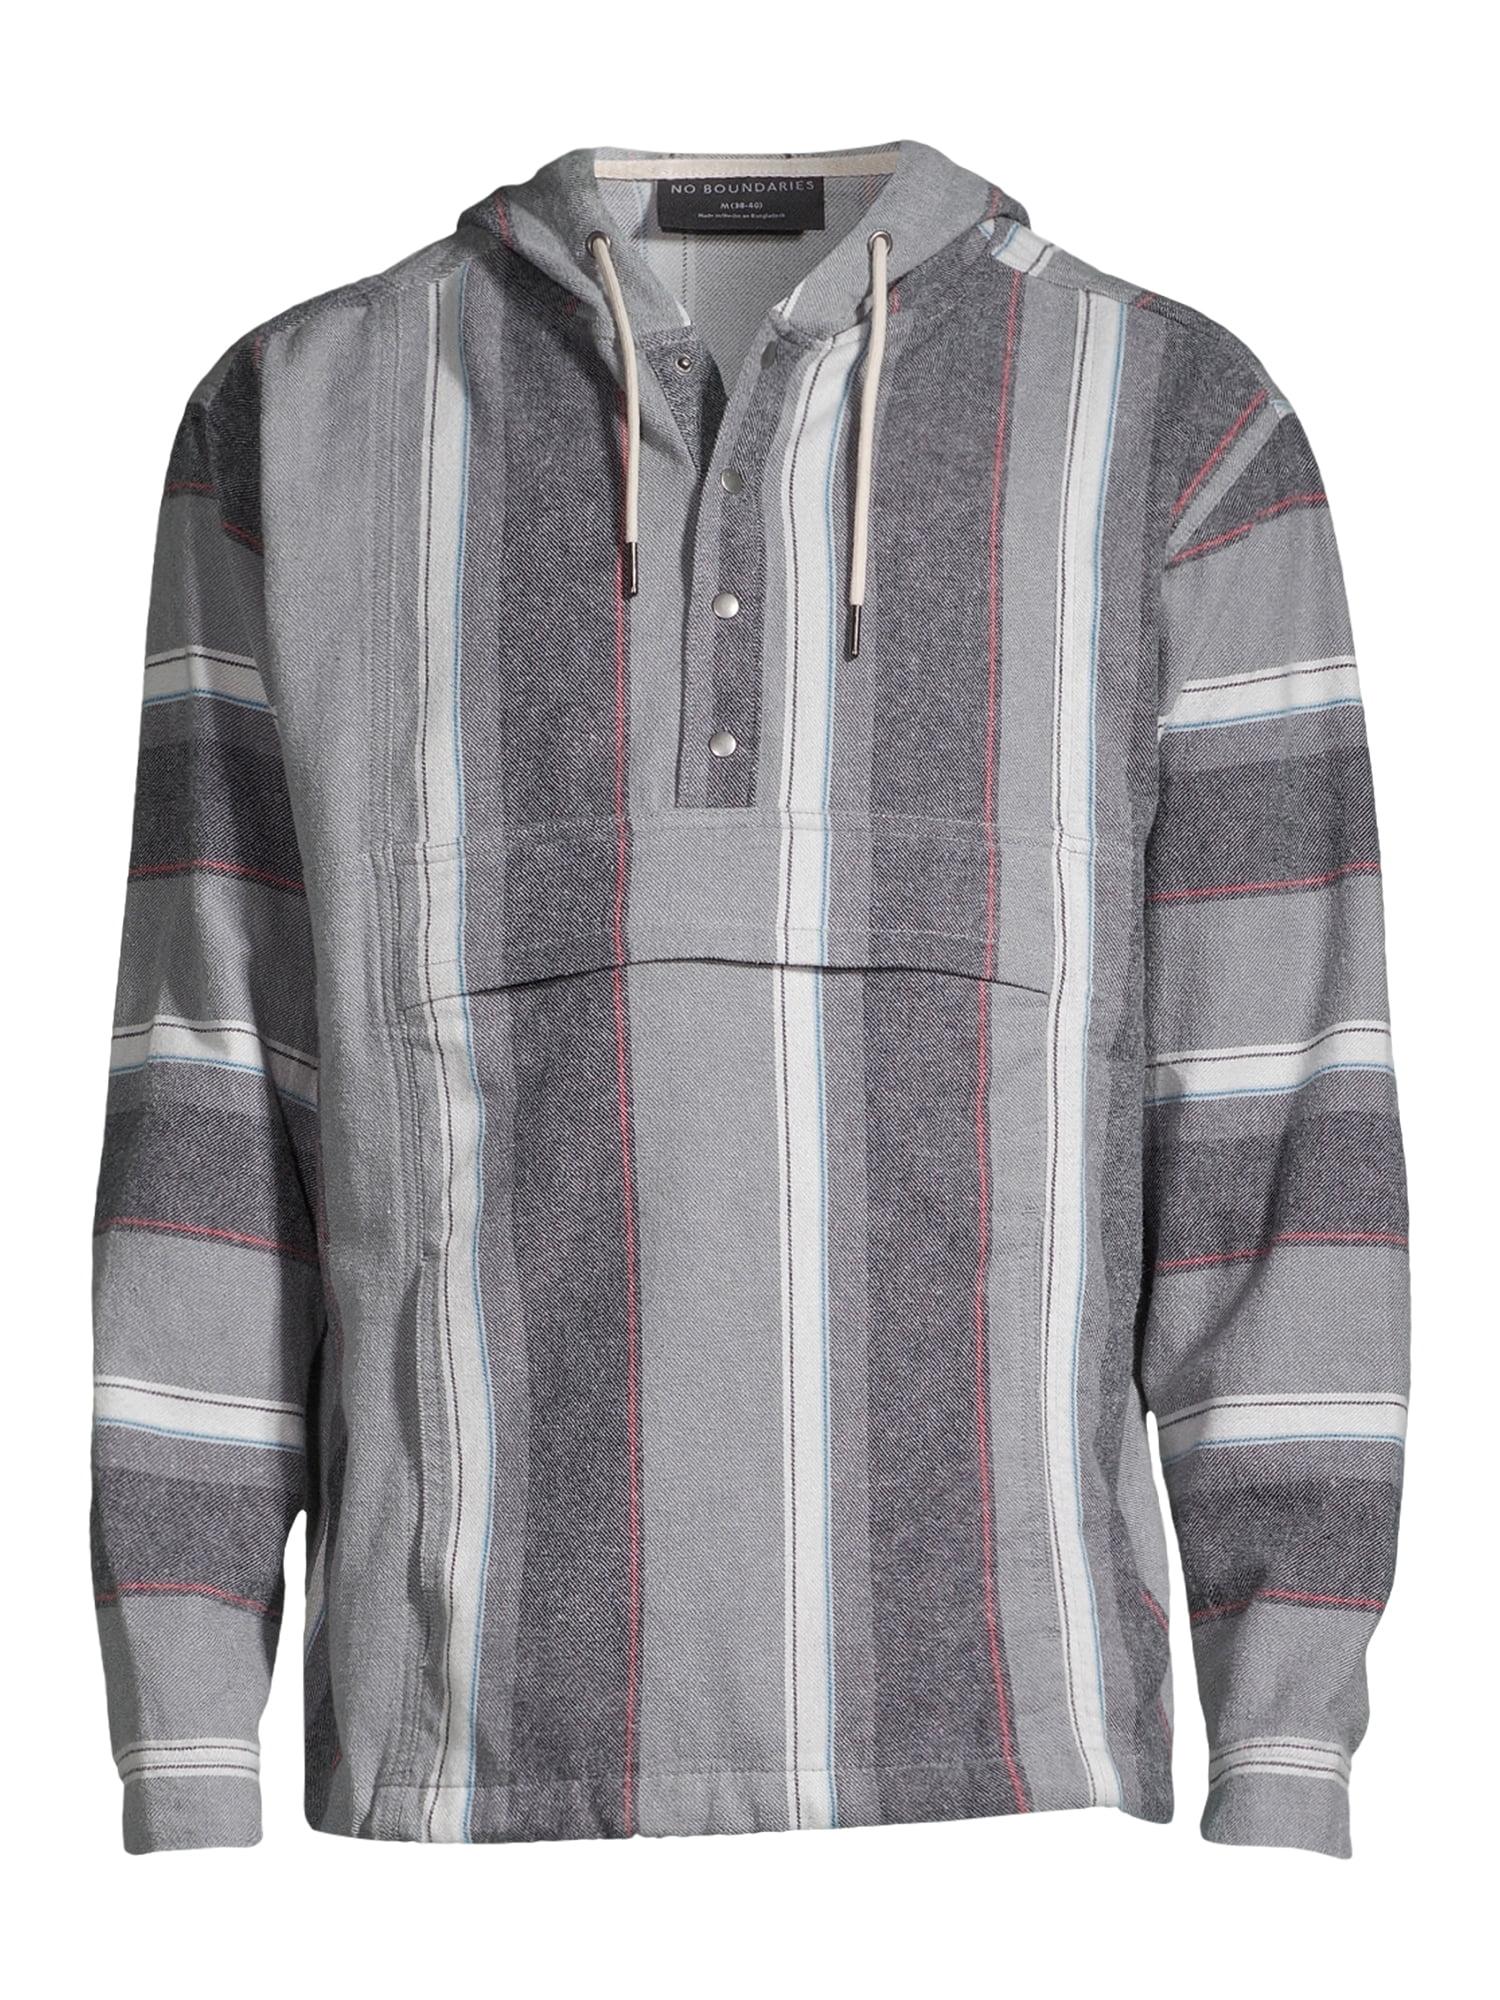 TooLoud iDad Grill Hoodie Sweatshirt